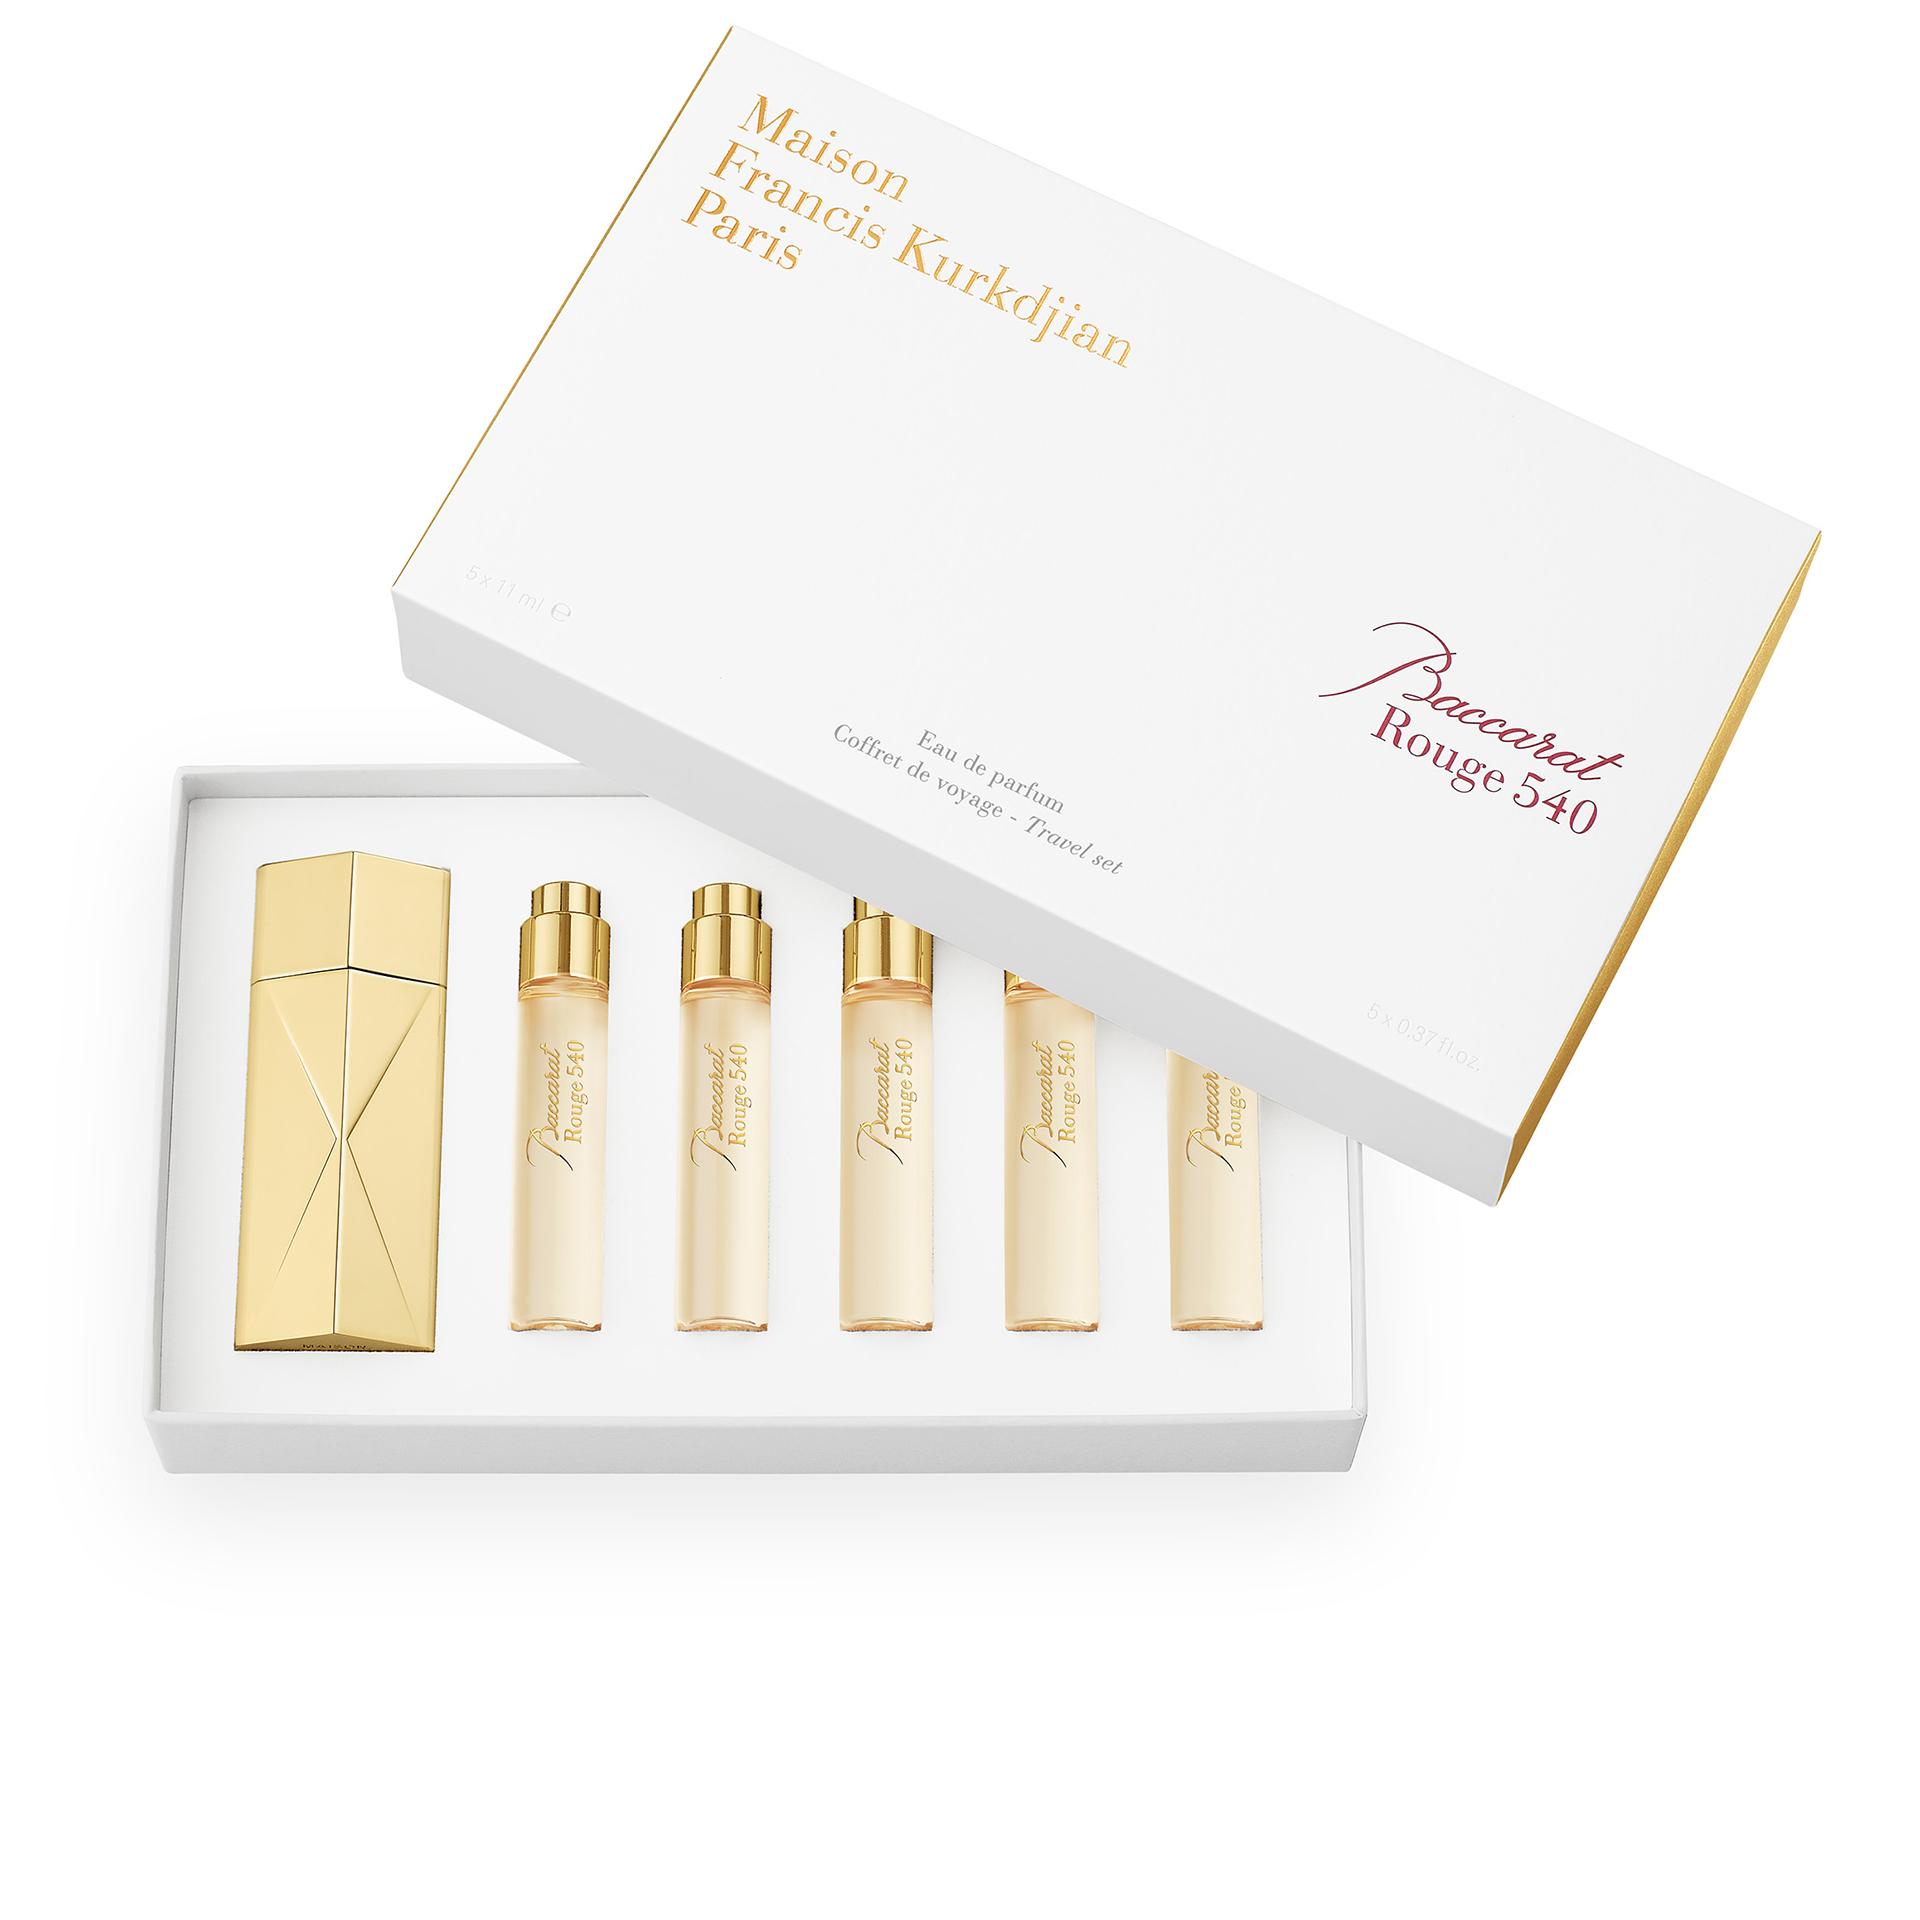 Baccarat Rouge 540 Eau De Parfum Travel Set Baccarat